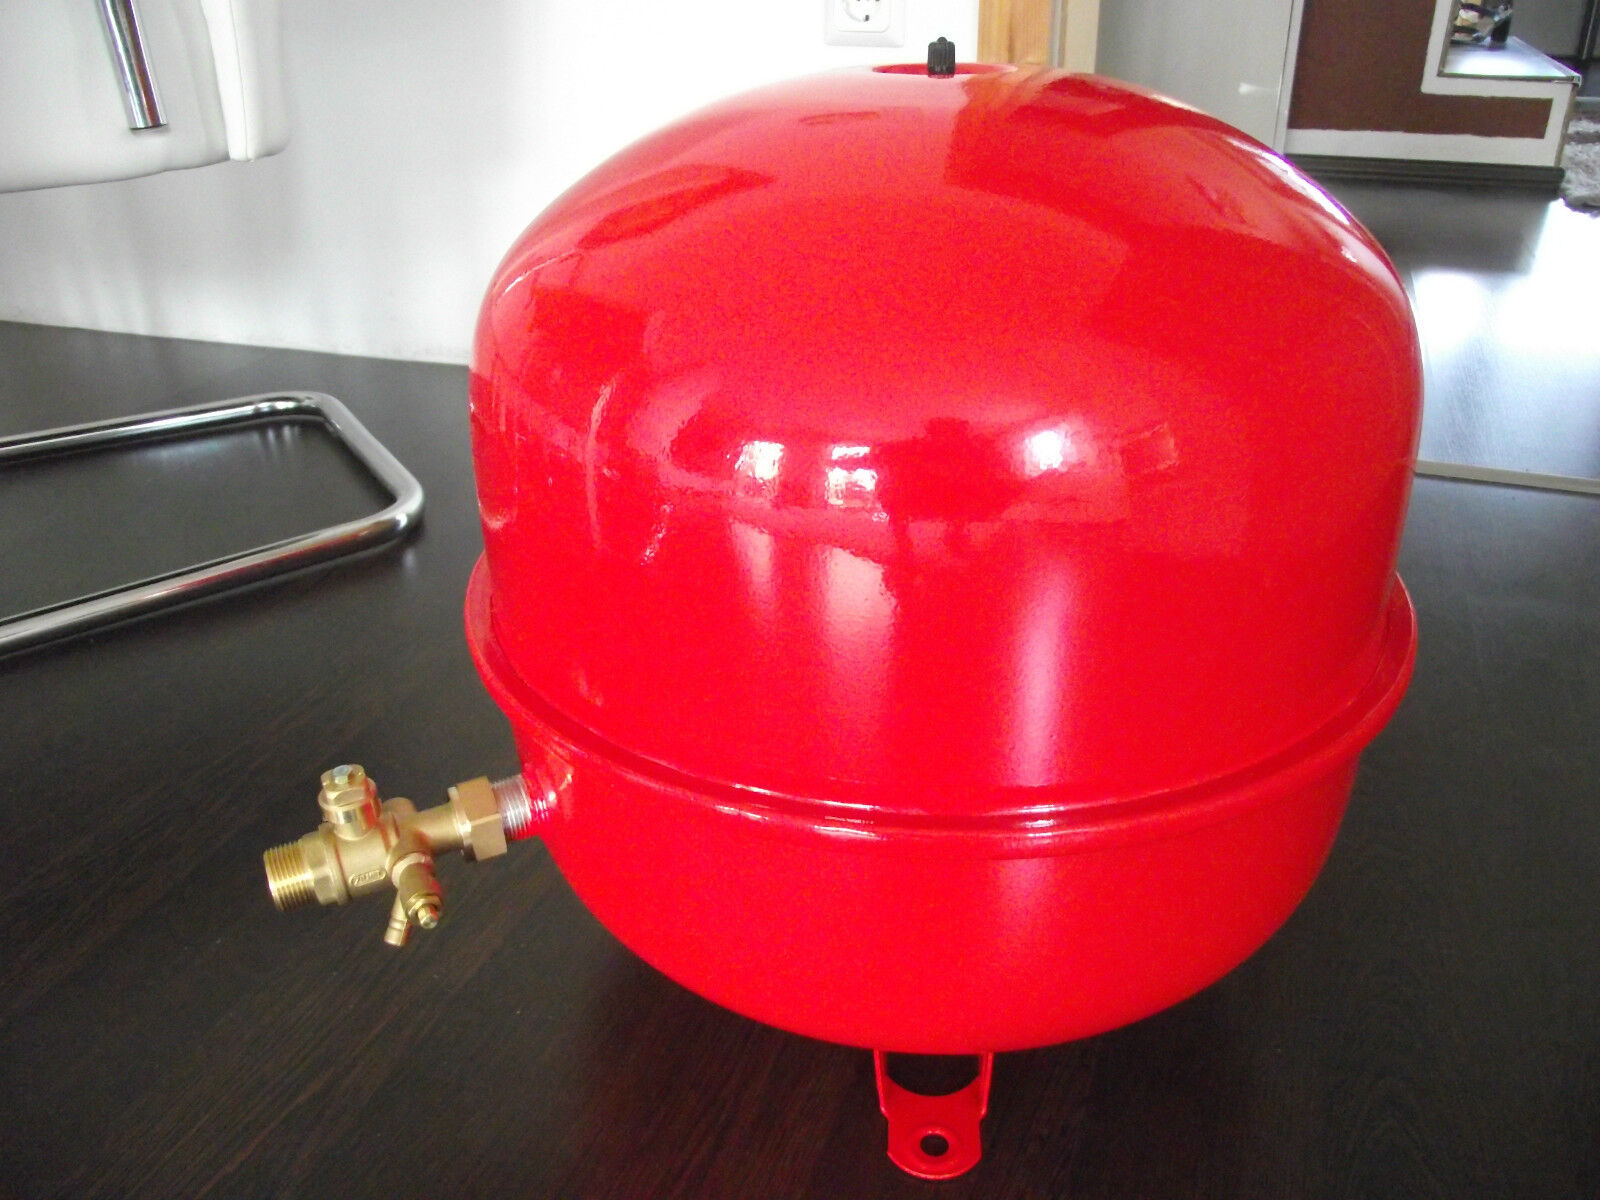 35 L Ausdehnungsgefäß Druckausdehnungsgefäß für Heizung rot Öl Gas Koks Holz